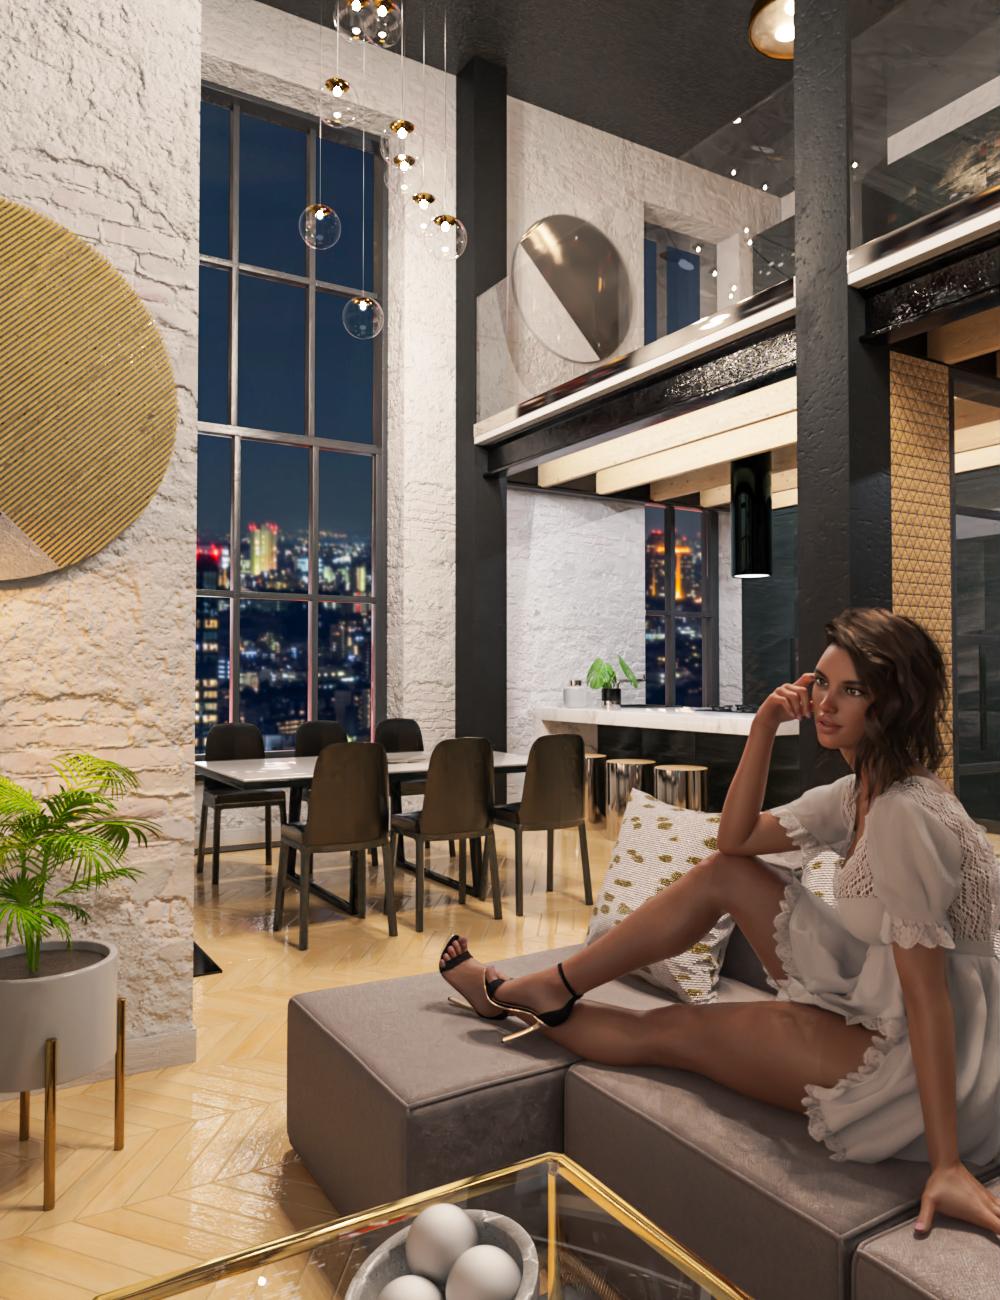 M8 Luxury Loft in Manhattan by: Modu8, 3D Models by Daz 3D